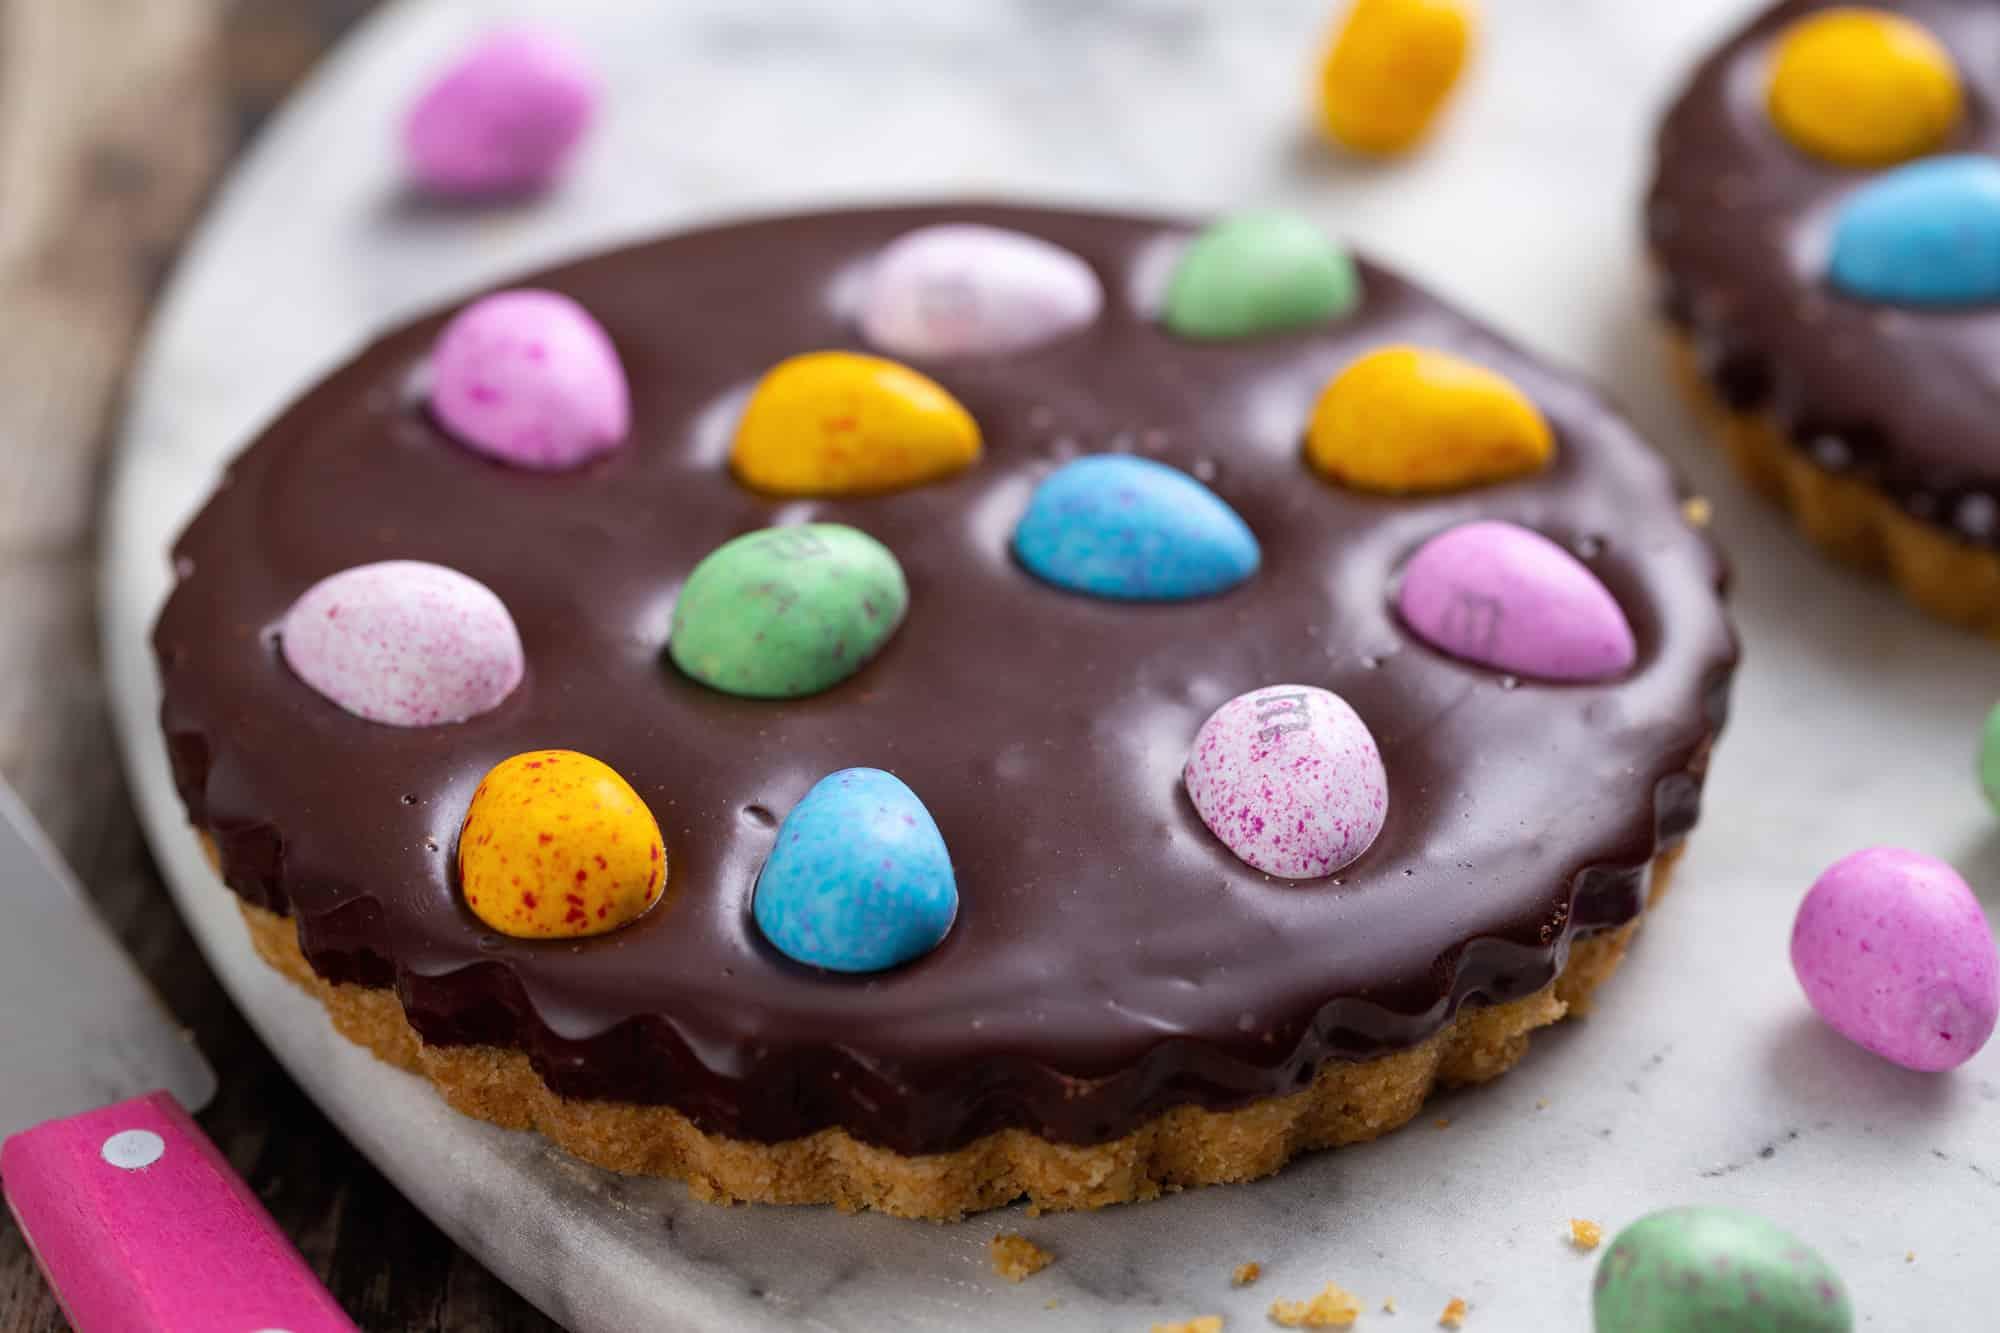 Chocolade ganache paastaartjes met M&M's eggs